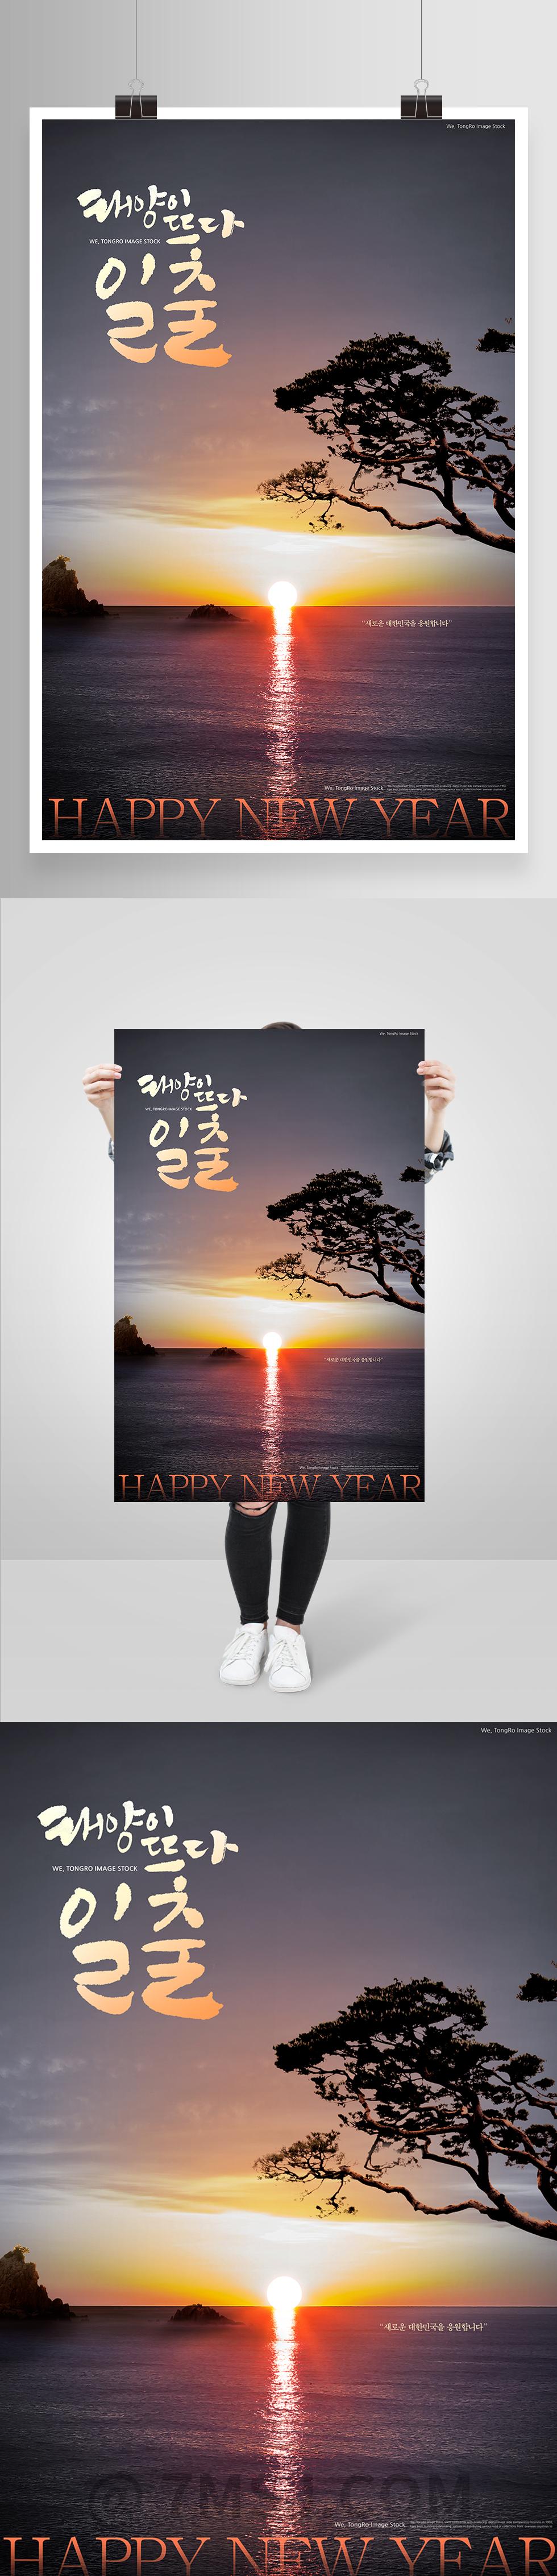 自然景色大海日出唯美旅游海报素材